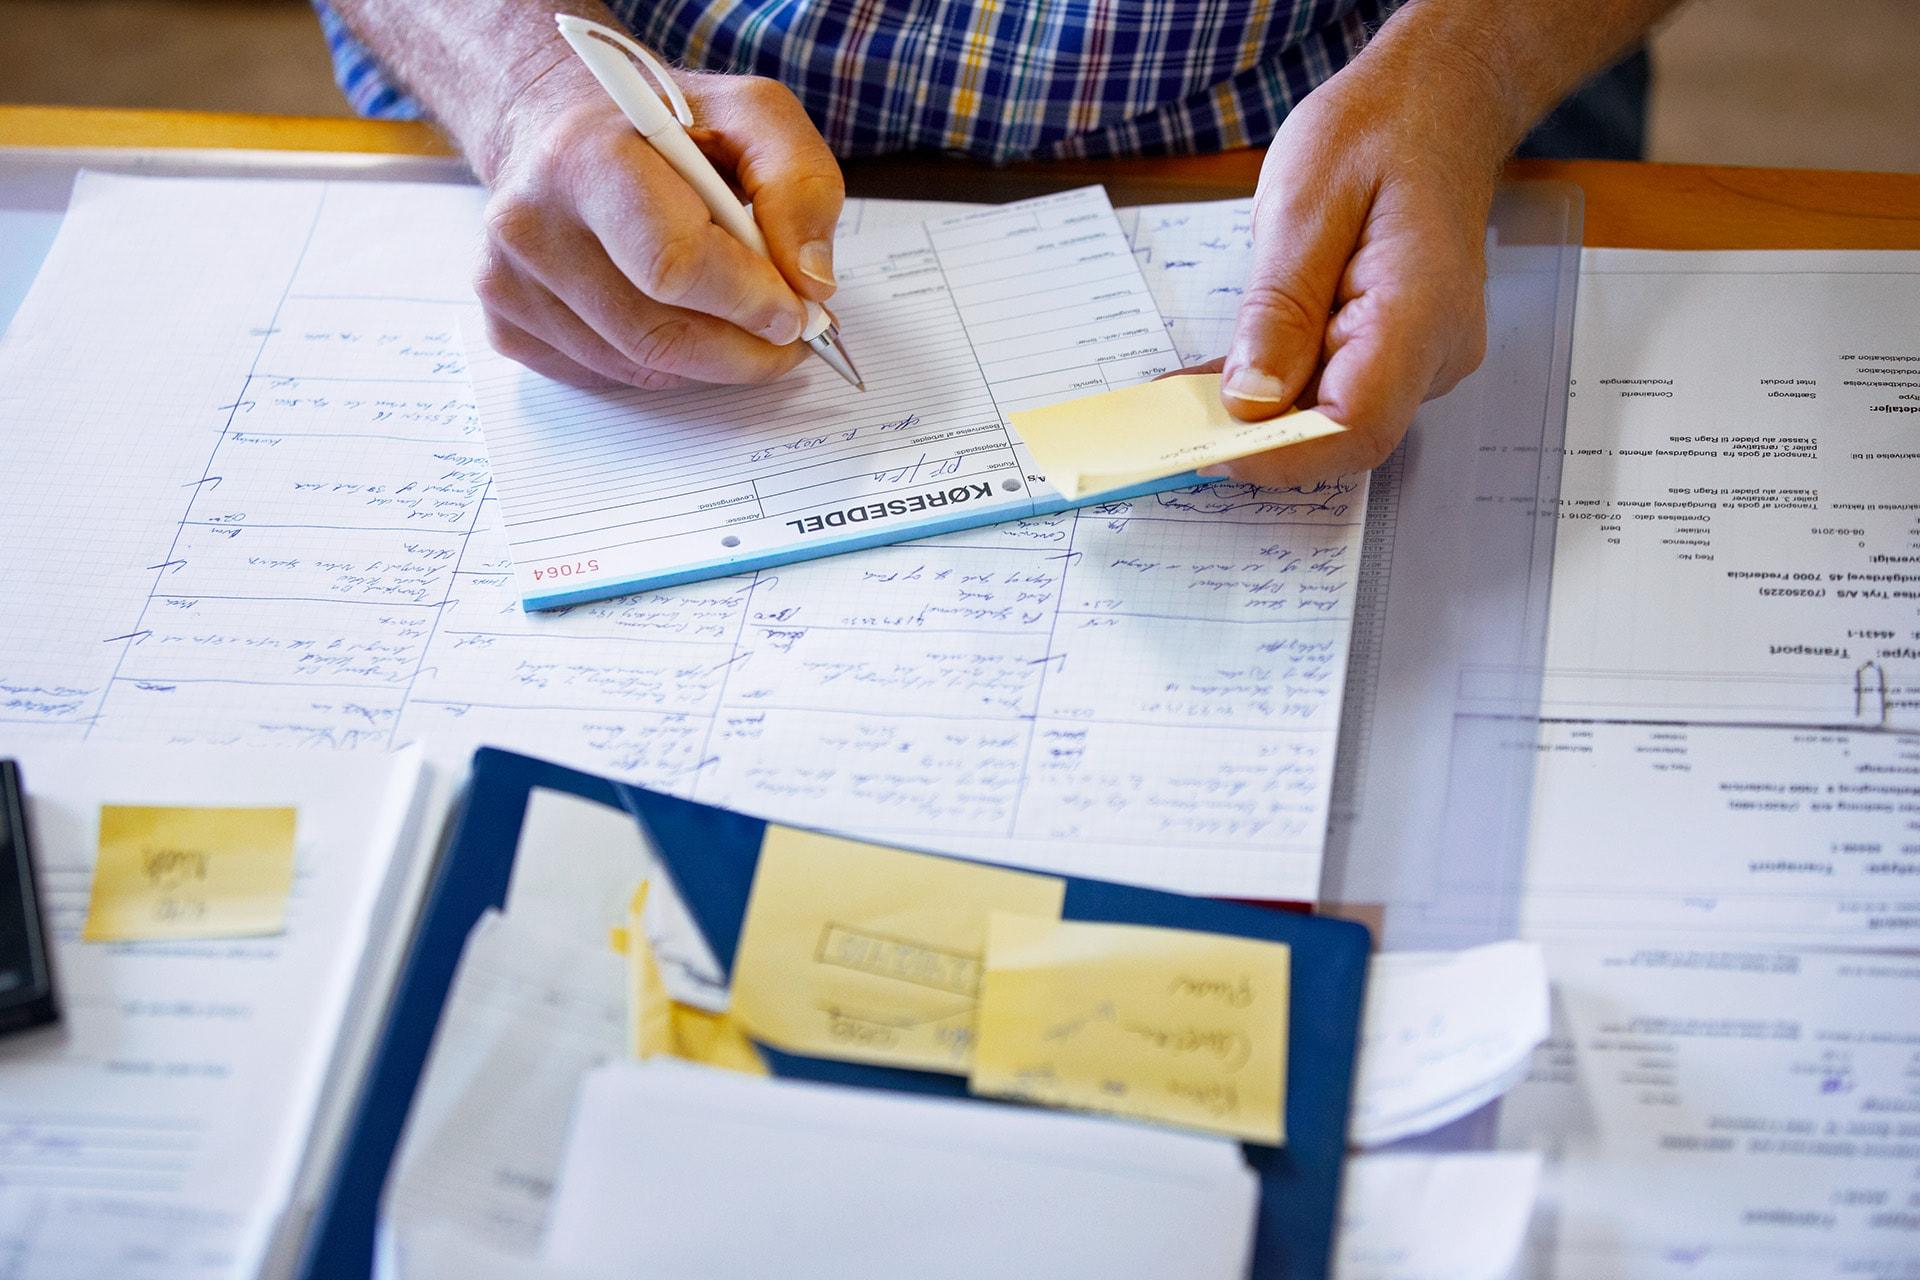 Внесение изменений в записи Государственного реестра прав, в том числе исправления технической ошибки, допущенной по вине заявителя